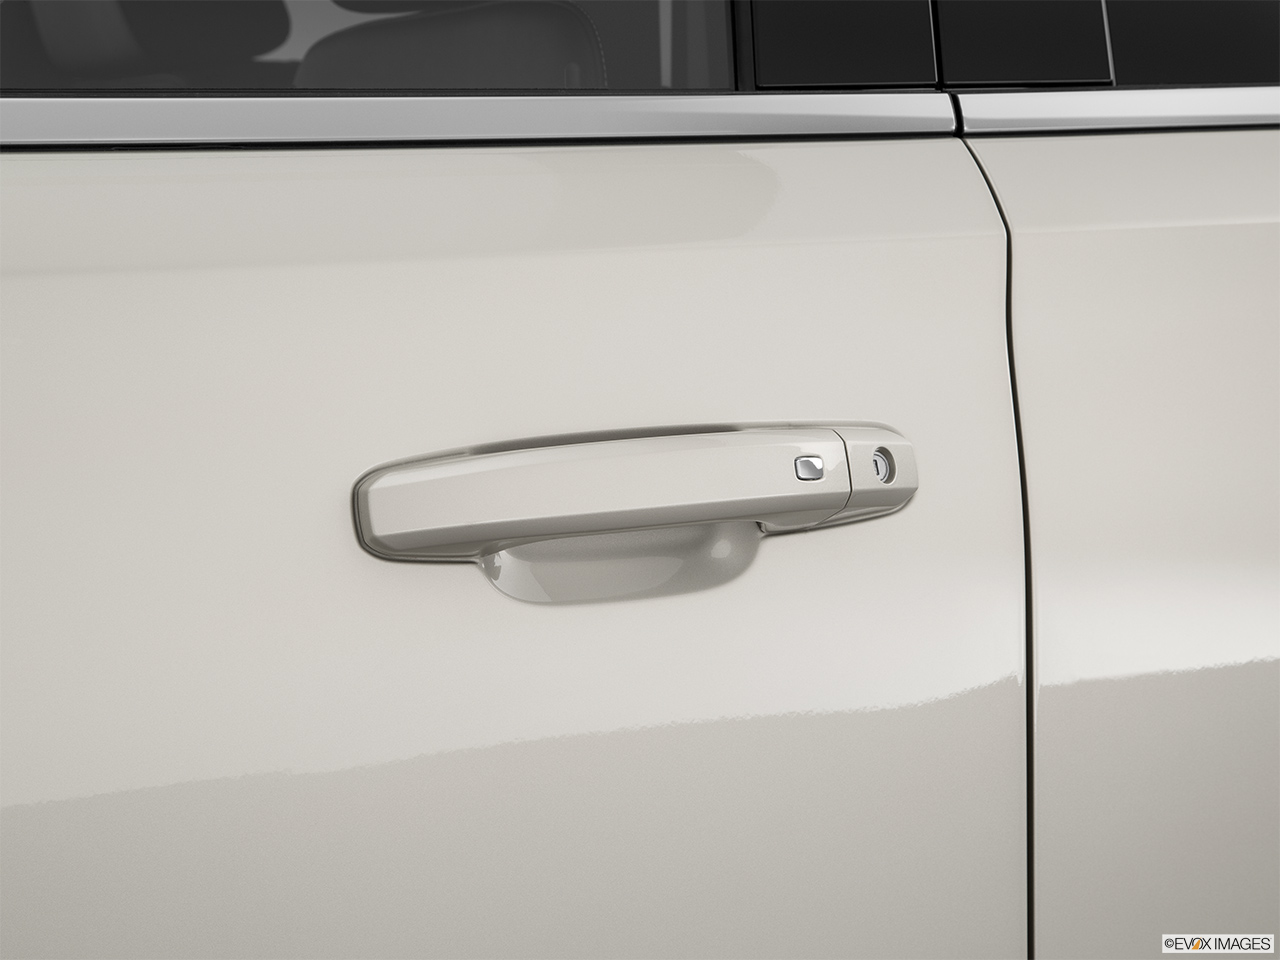 2015 GMC Yukon XL 2WD 4 Door SLT - Drivers Side Door handle & 9644_st1280_045.jpg Pezcame.Com